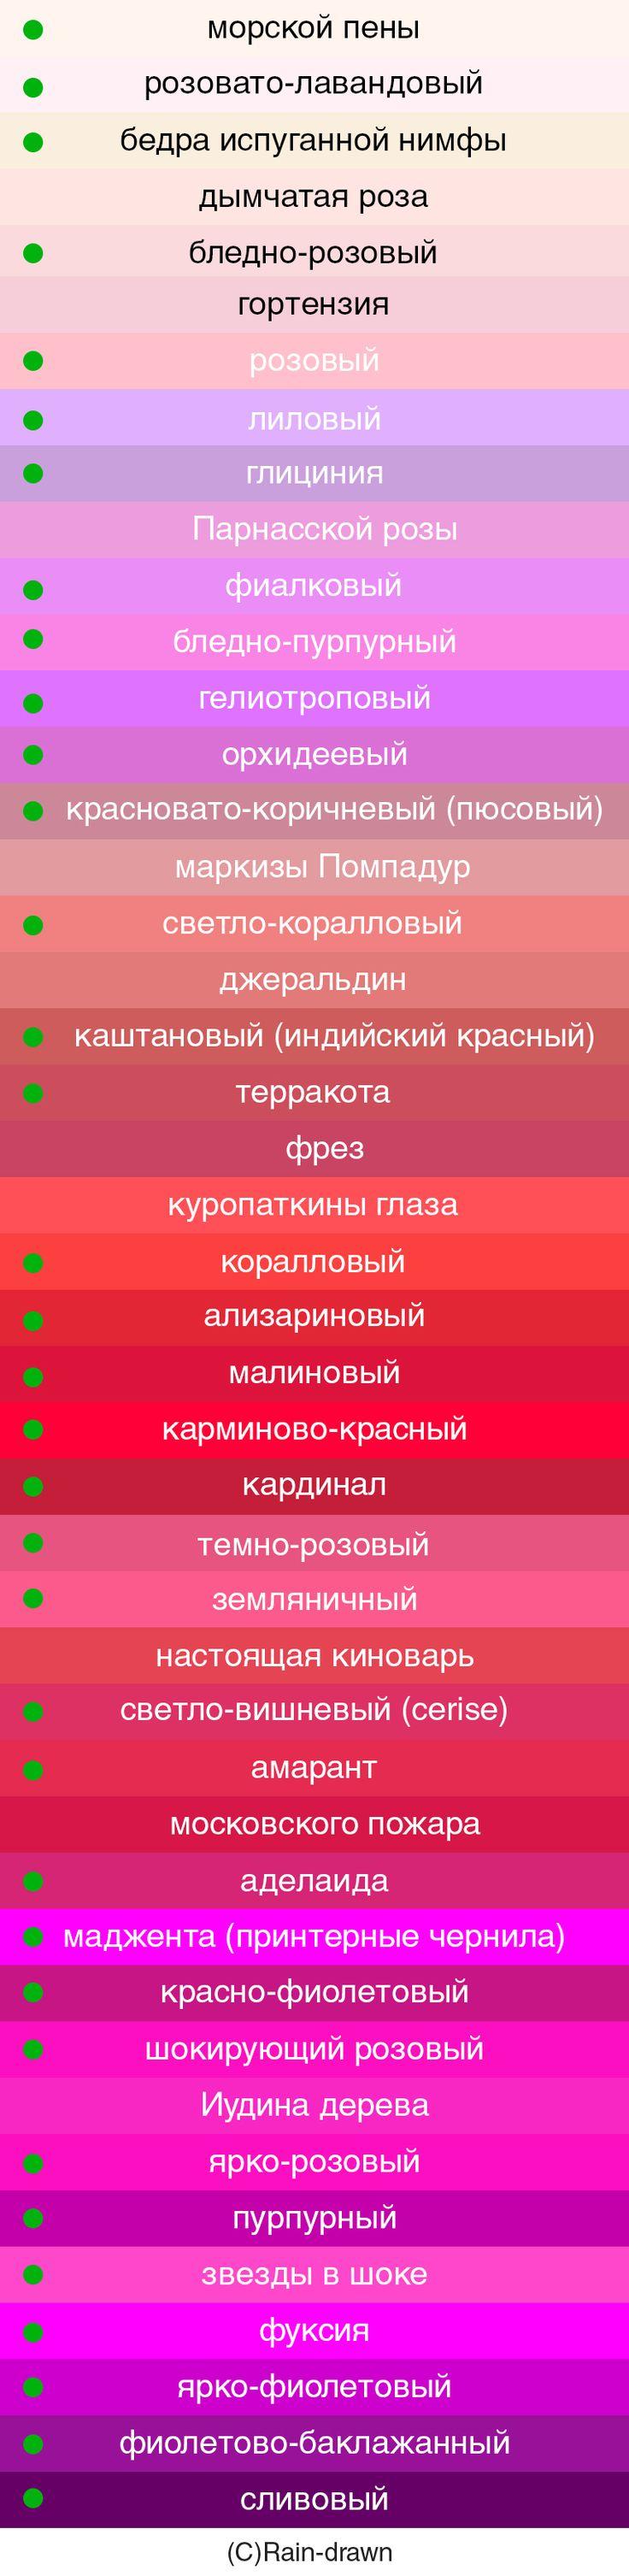 Бедро испуганной нимфы или блошиное брюшко: учимся различать оттенки красного - Ярмарка Мастеров - ручная работа, handmade